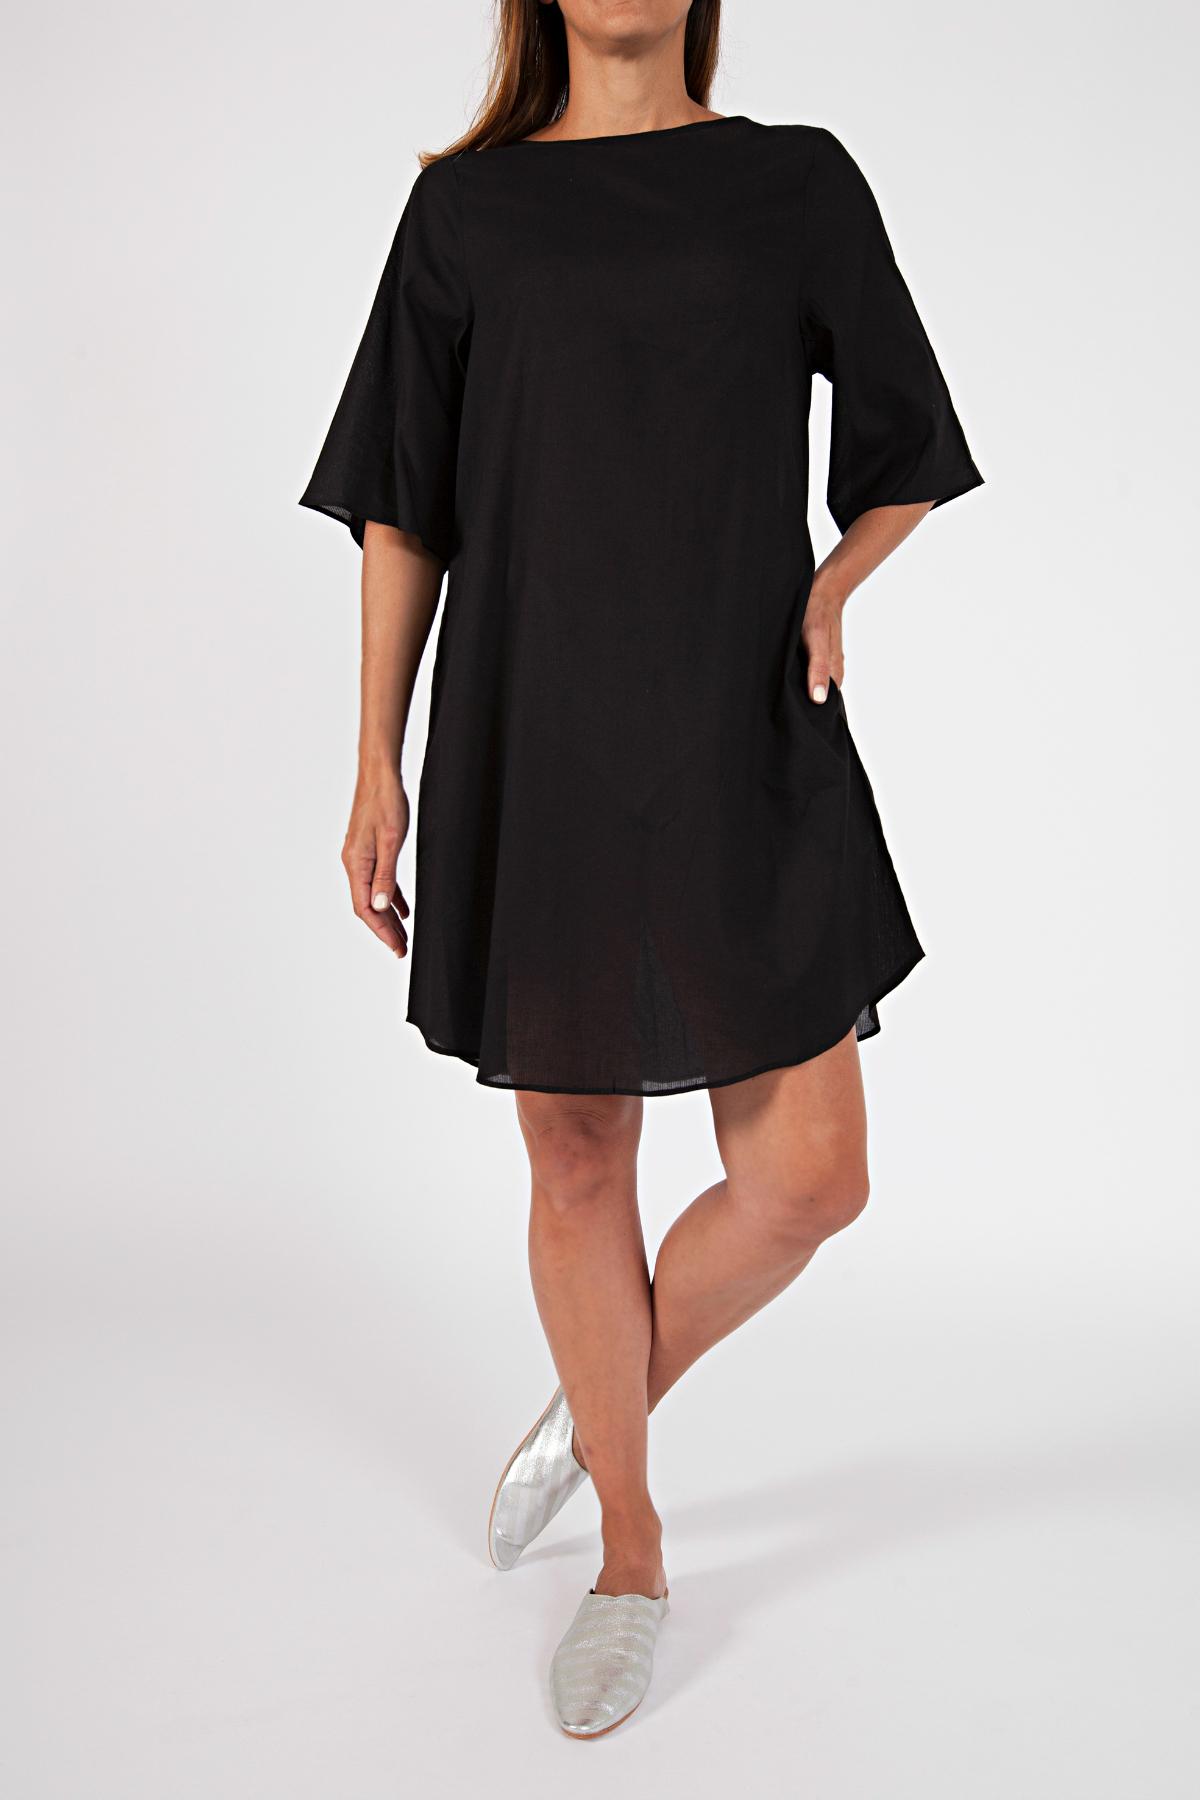 Sassind Melbourne A-Line shift dress